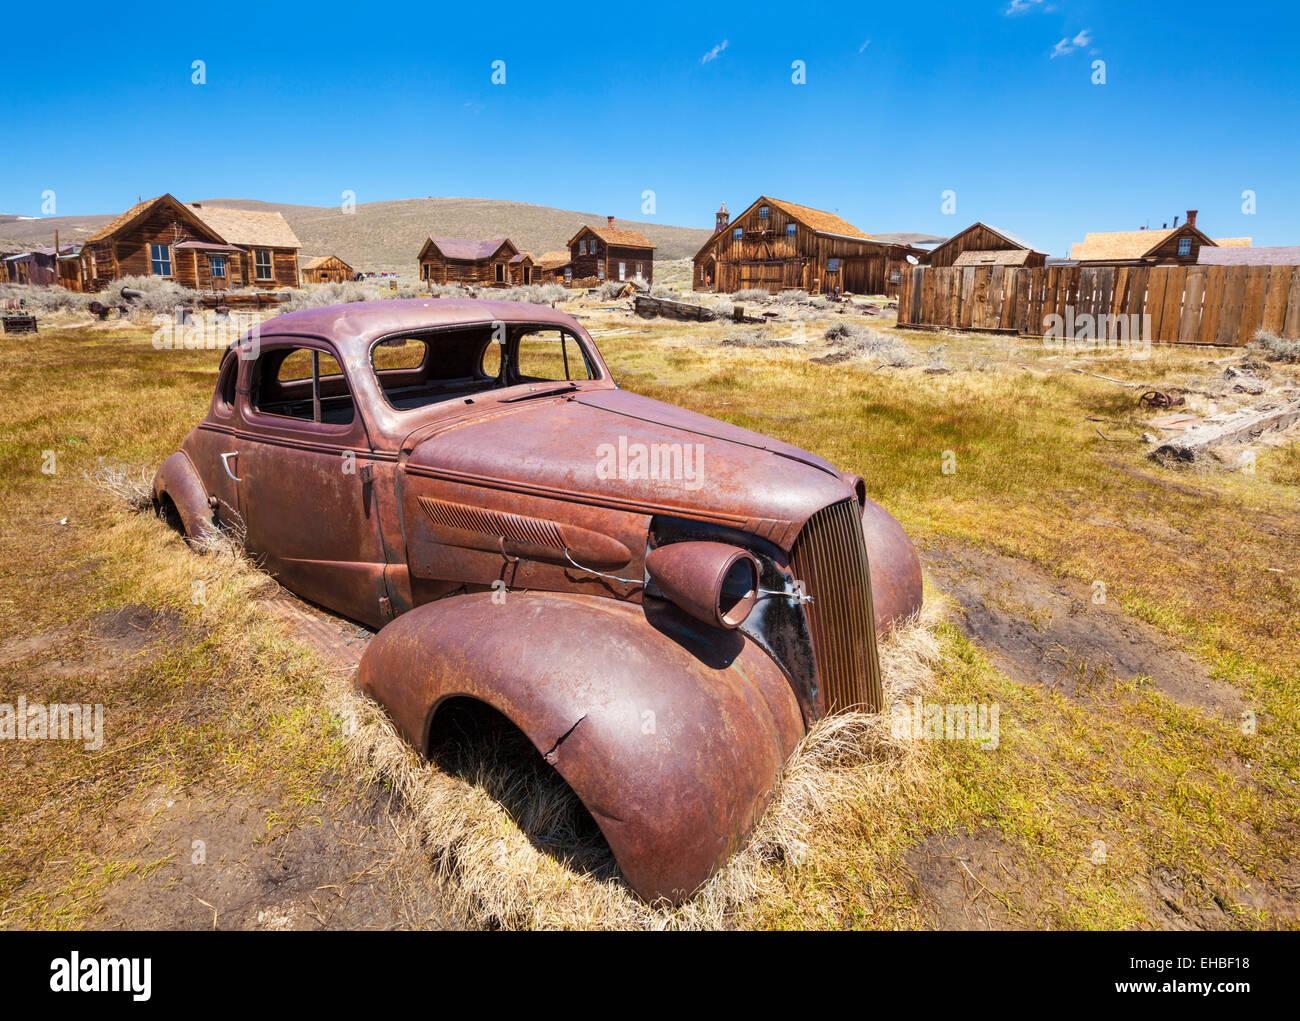 Oxidación en coche Bodí ciudad fantasma de Bodie State Historic Park California ESTADOS UNIDOS Estados Imagen De Stock